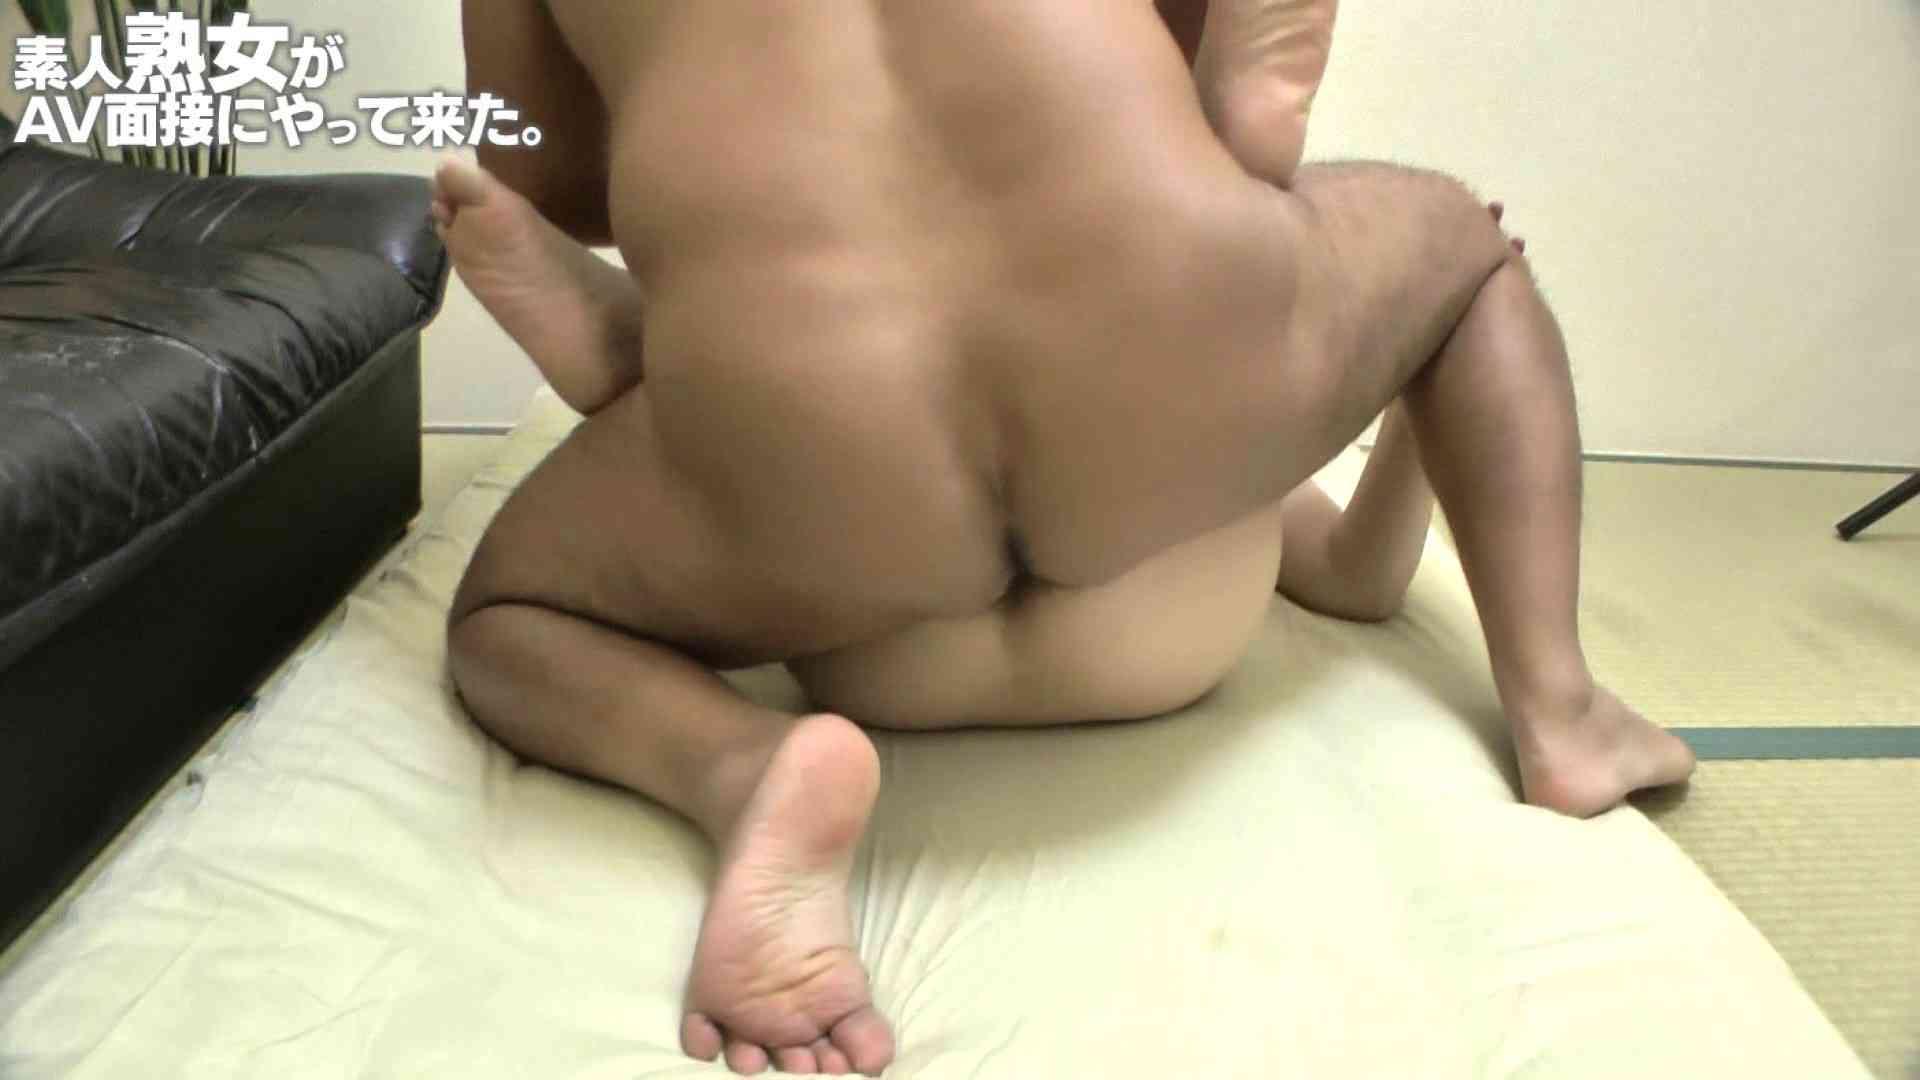 素人熟女がAV面接にやってきた (仮名)ゆかさんVOL.04 素人丸裸 アダルト動画キャプチャ 105pic 83